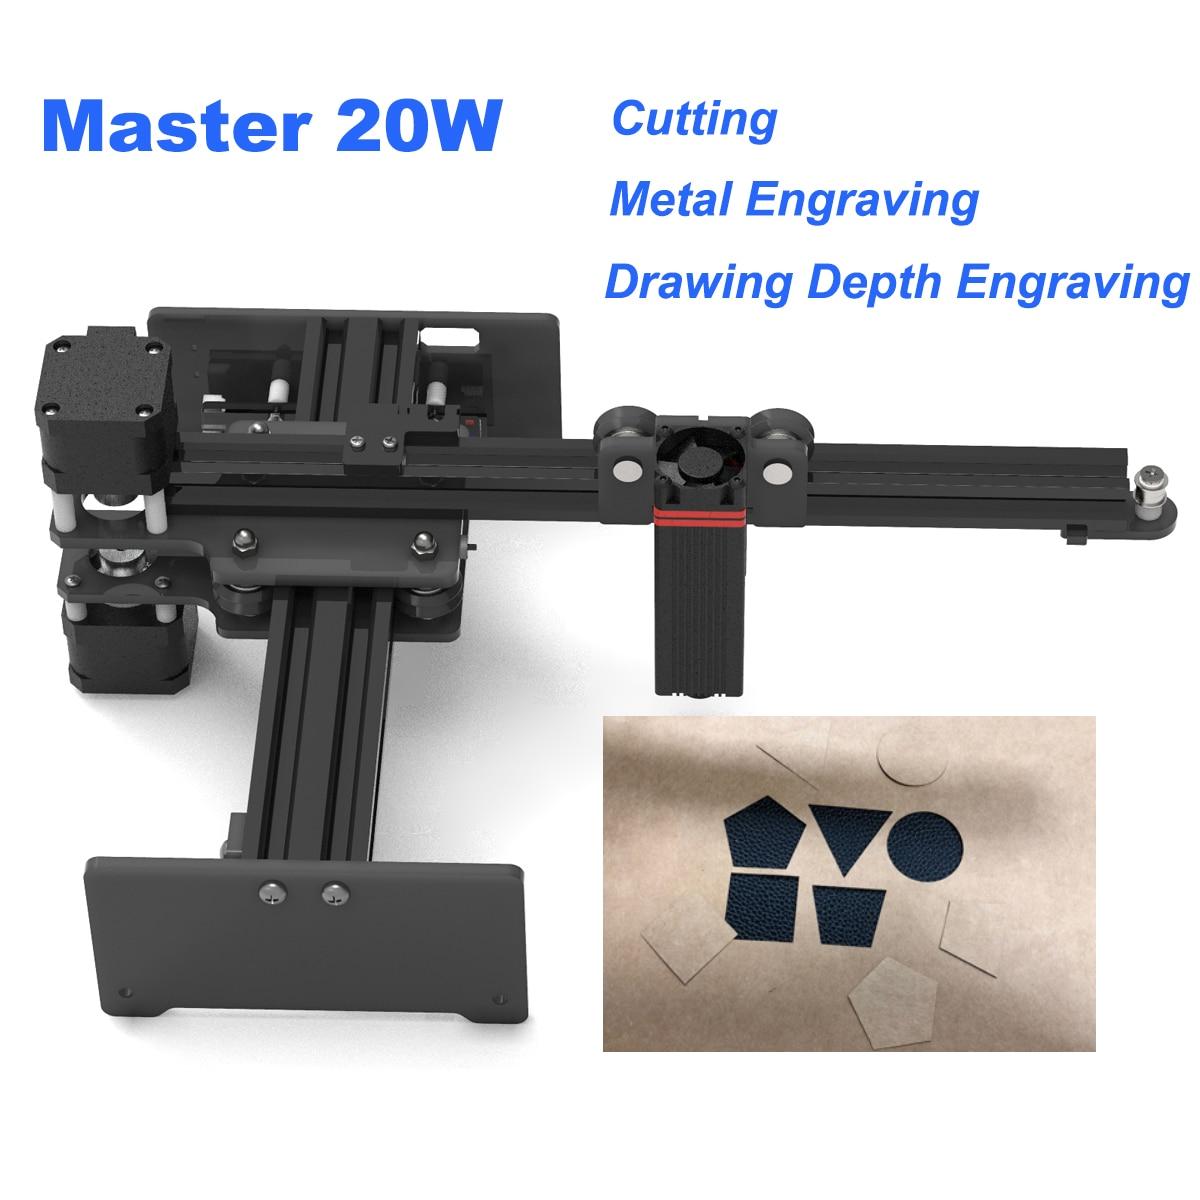 NEJE MESTRE 20 W DIY Máquina de Gravação A Laser Mini CNC Madeira De Corte Router Gravador De Mesa de Metal/Madeira/ plásticos